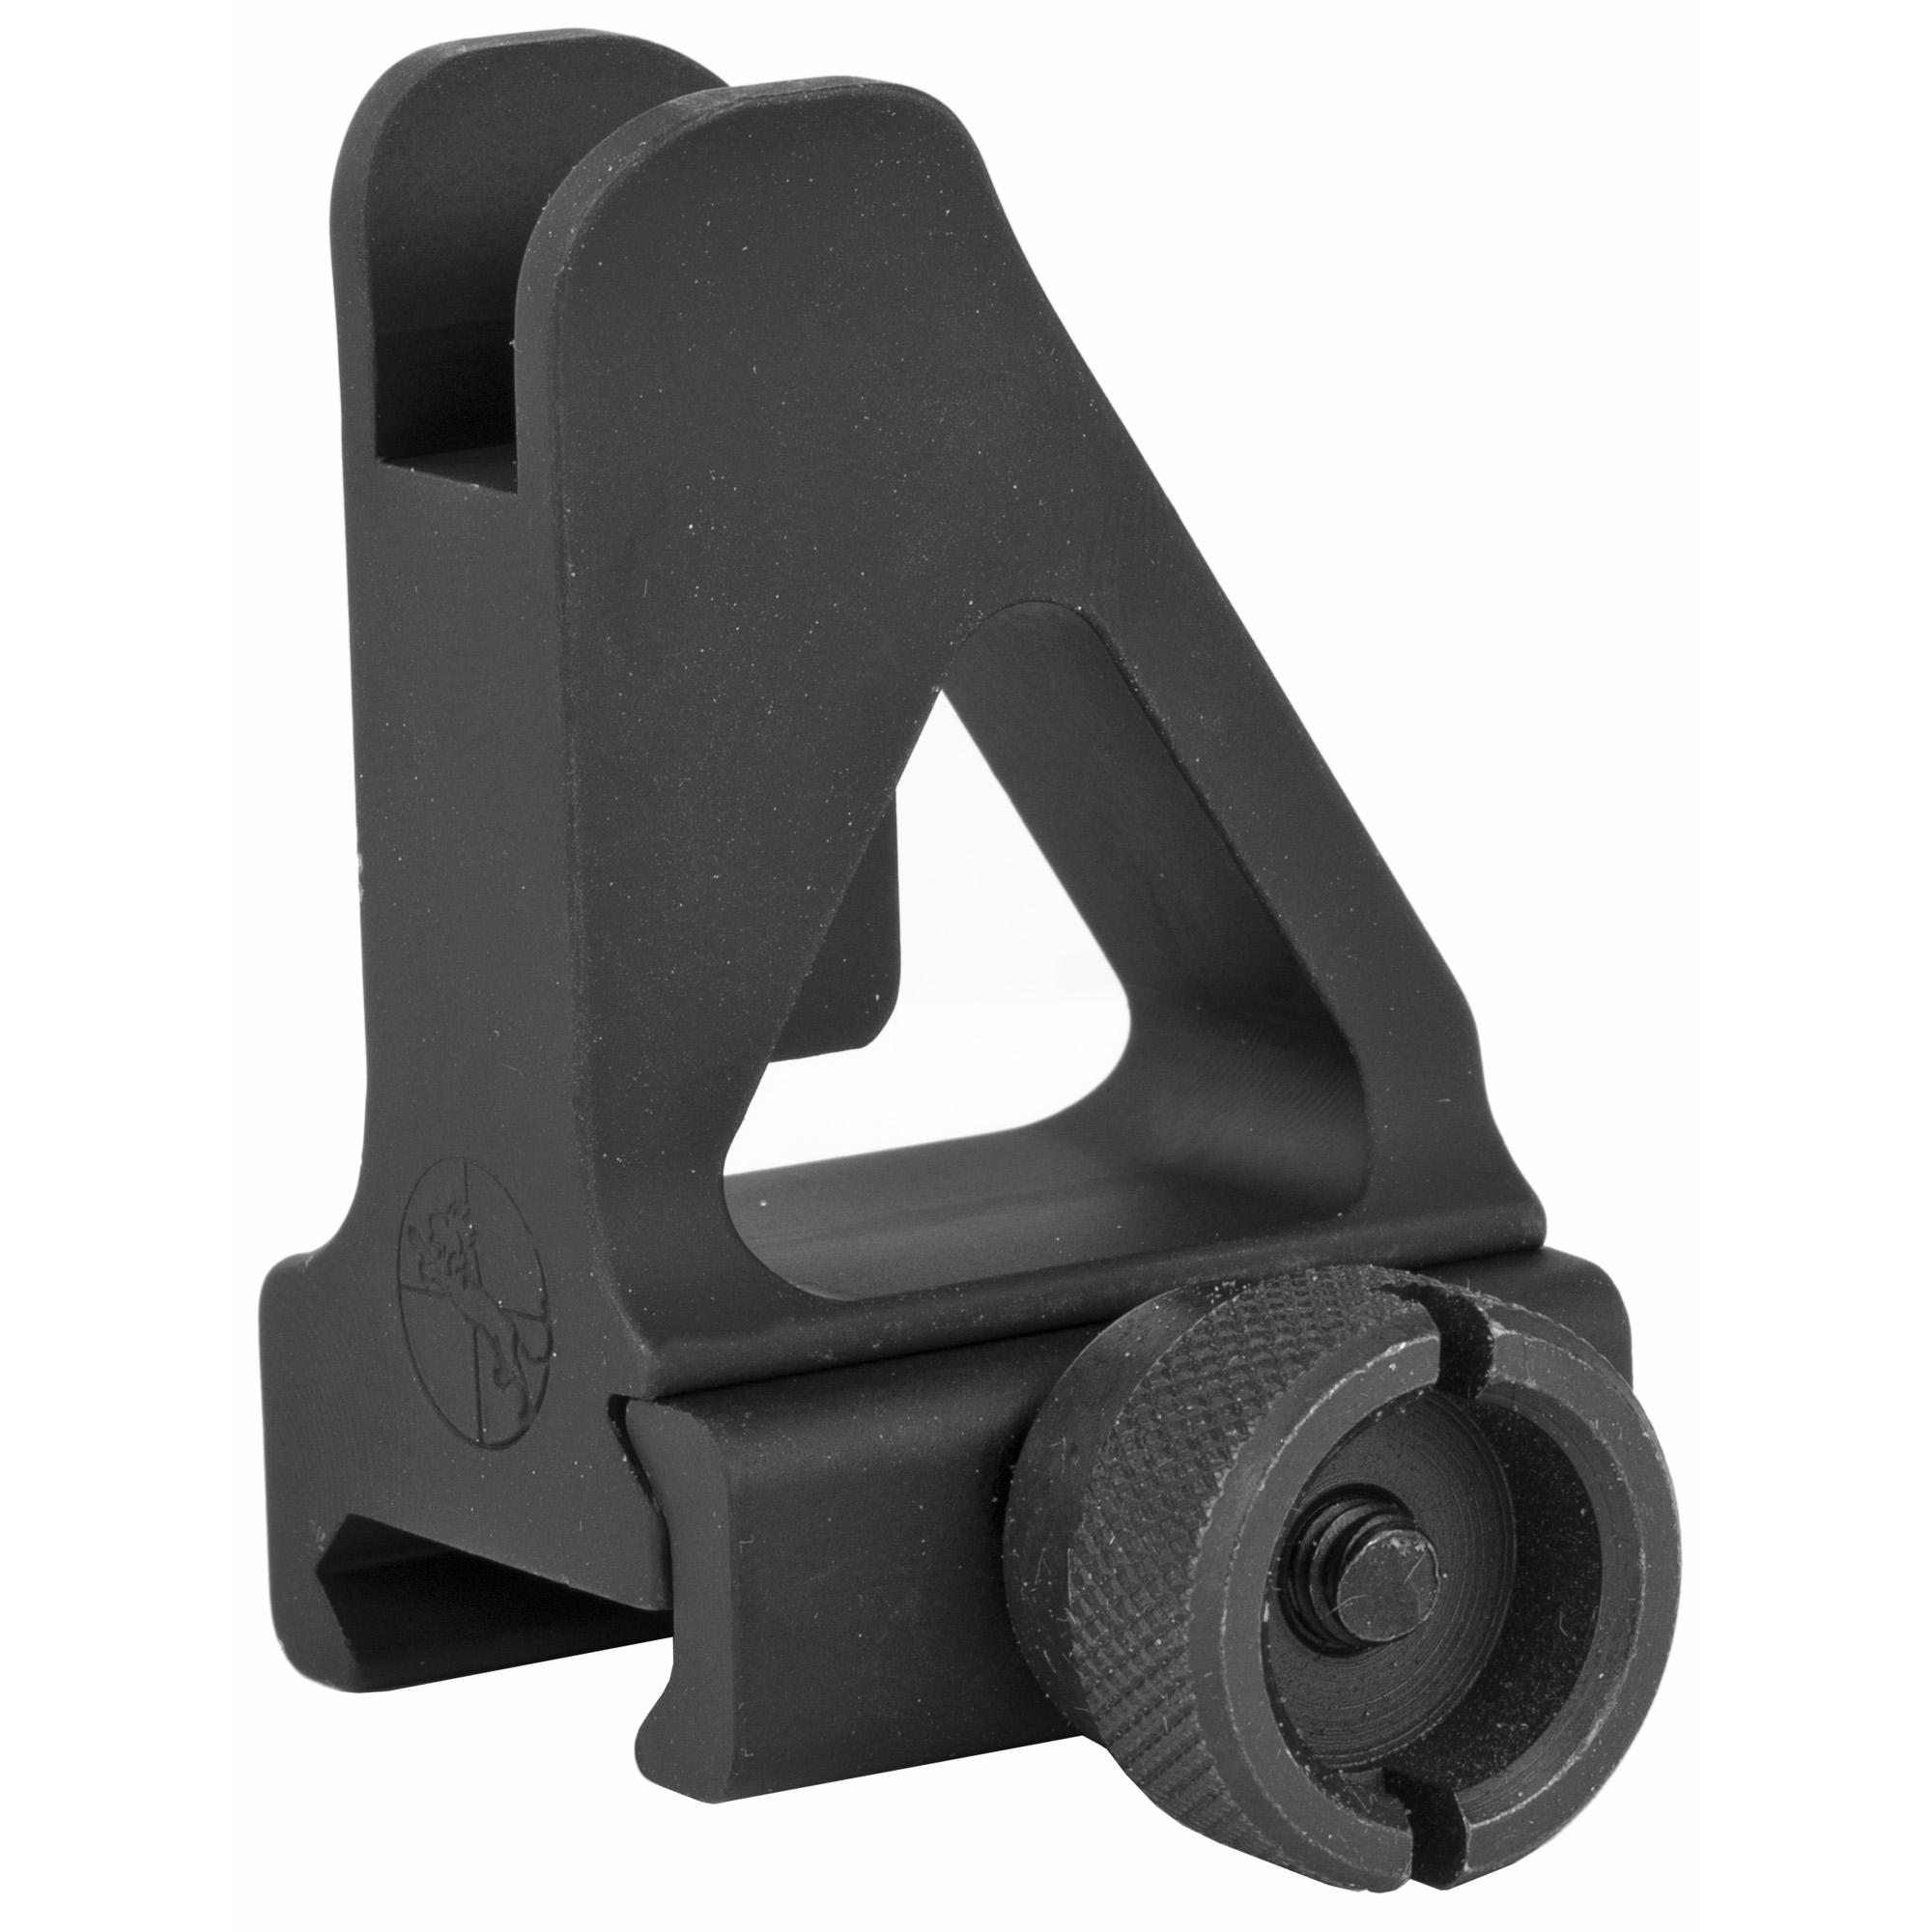 Arml M15a4 Detachable Front Sight